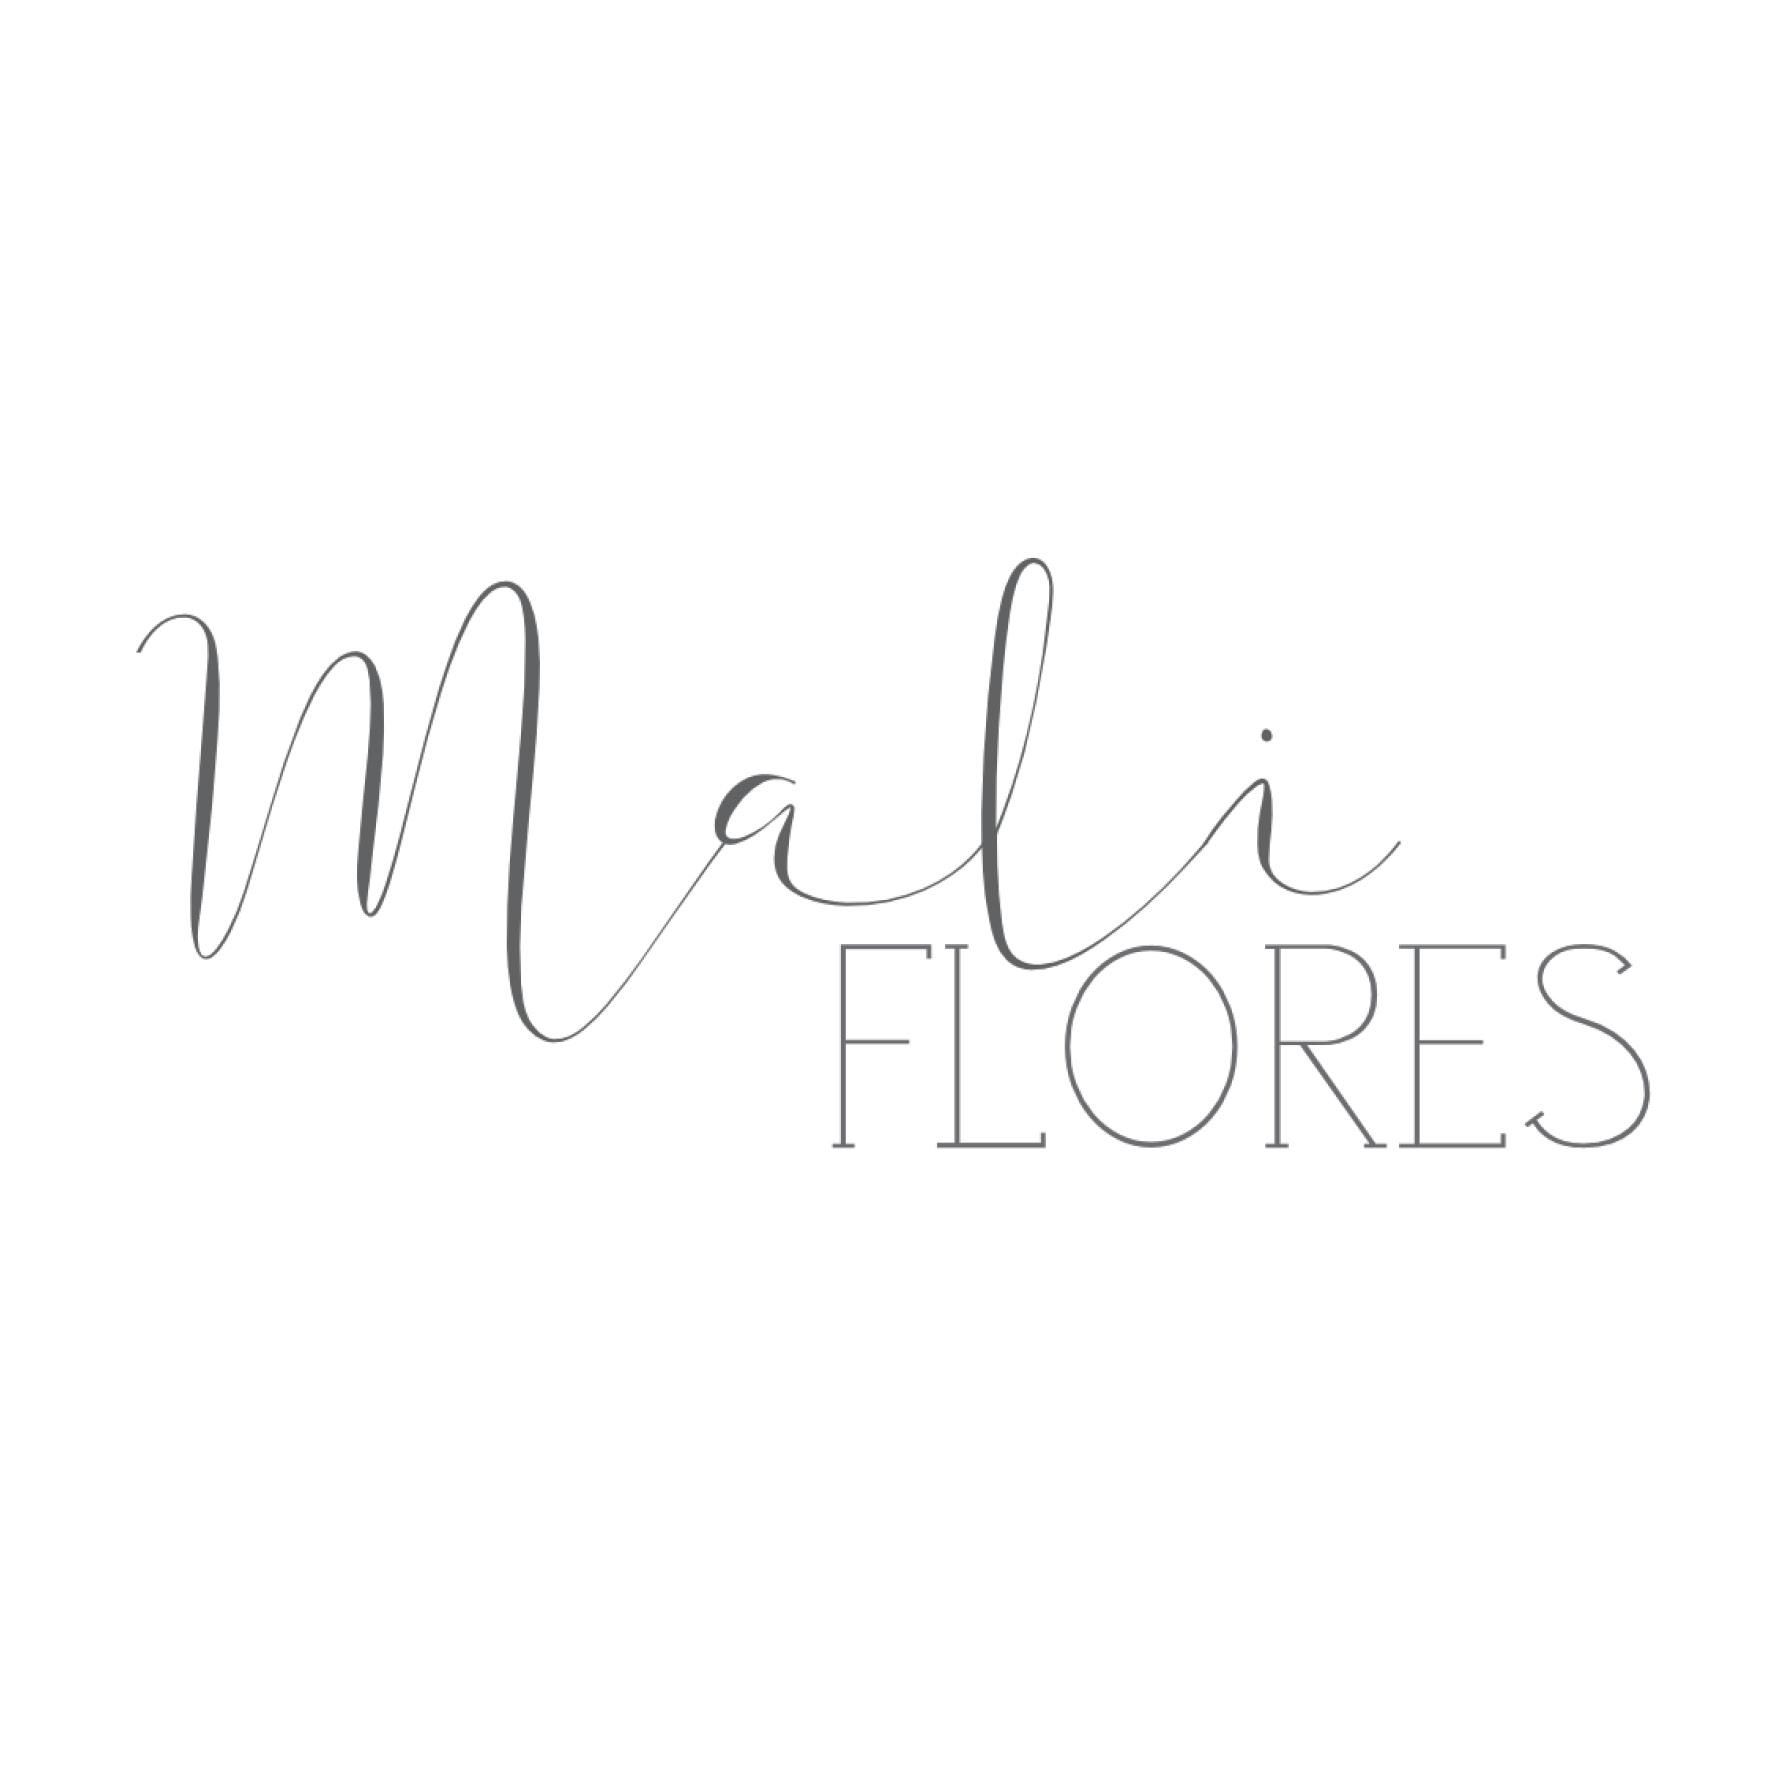 mali flores florist